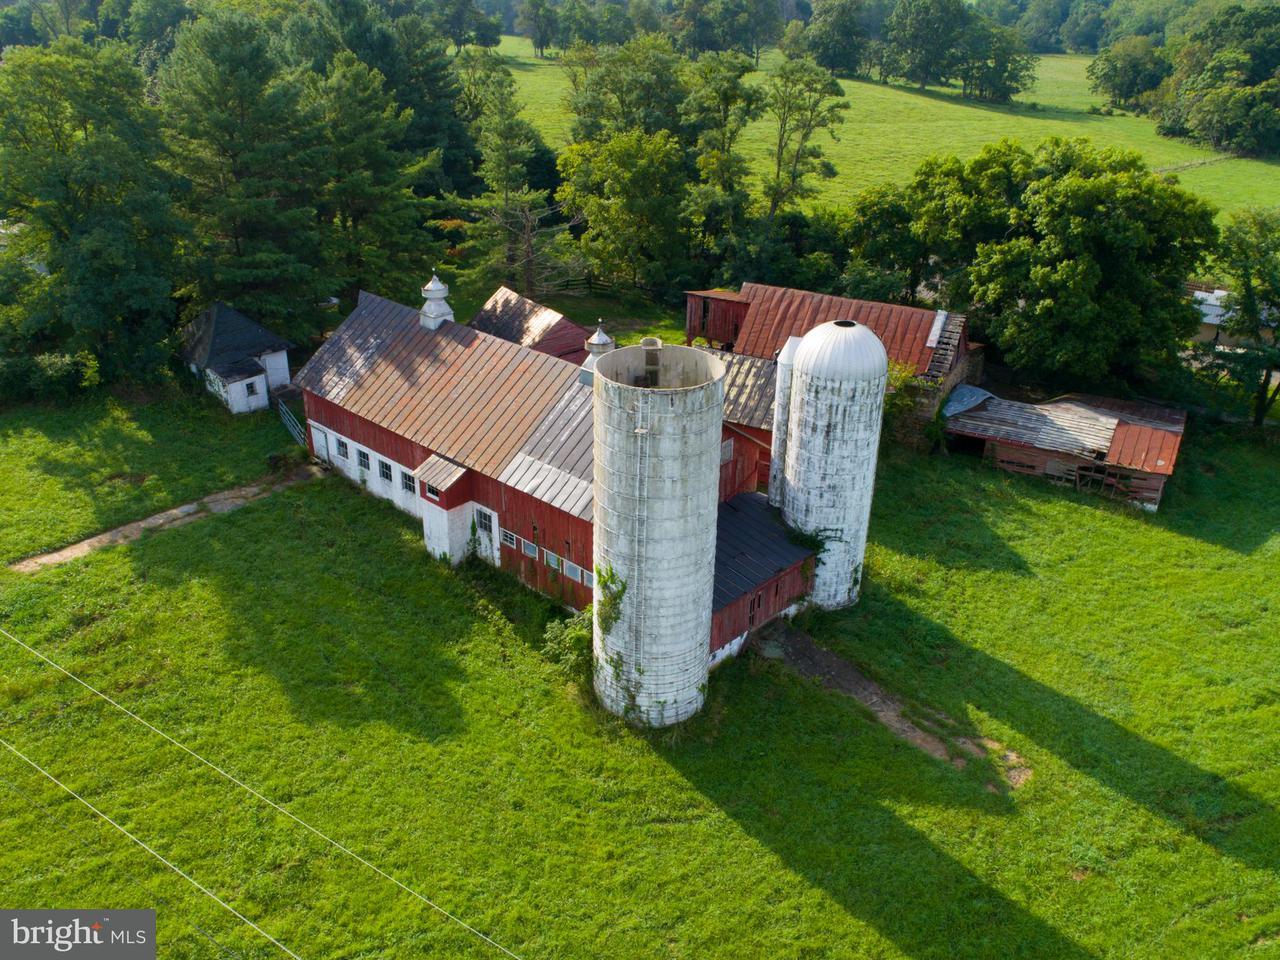 Частный односемейный дом для того Продажа на 35516 Paxson Road 35516 Paxson Road Purcellville, Виргиния 20132 Соединенные Штаты